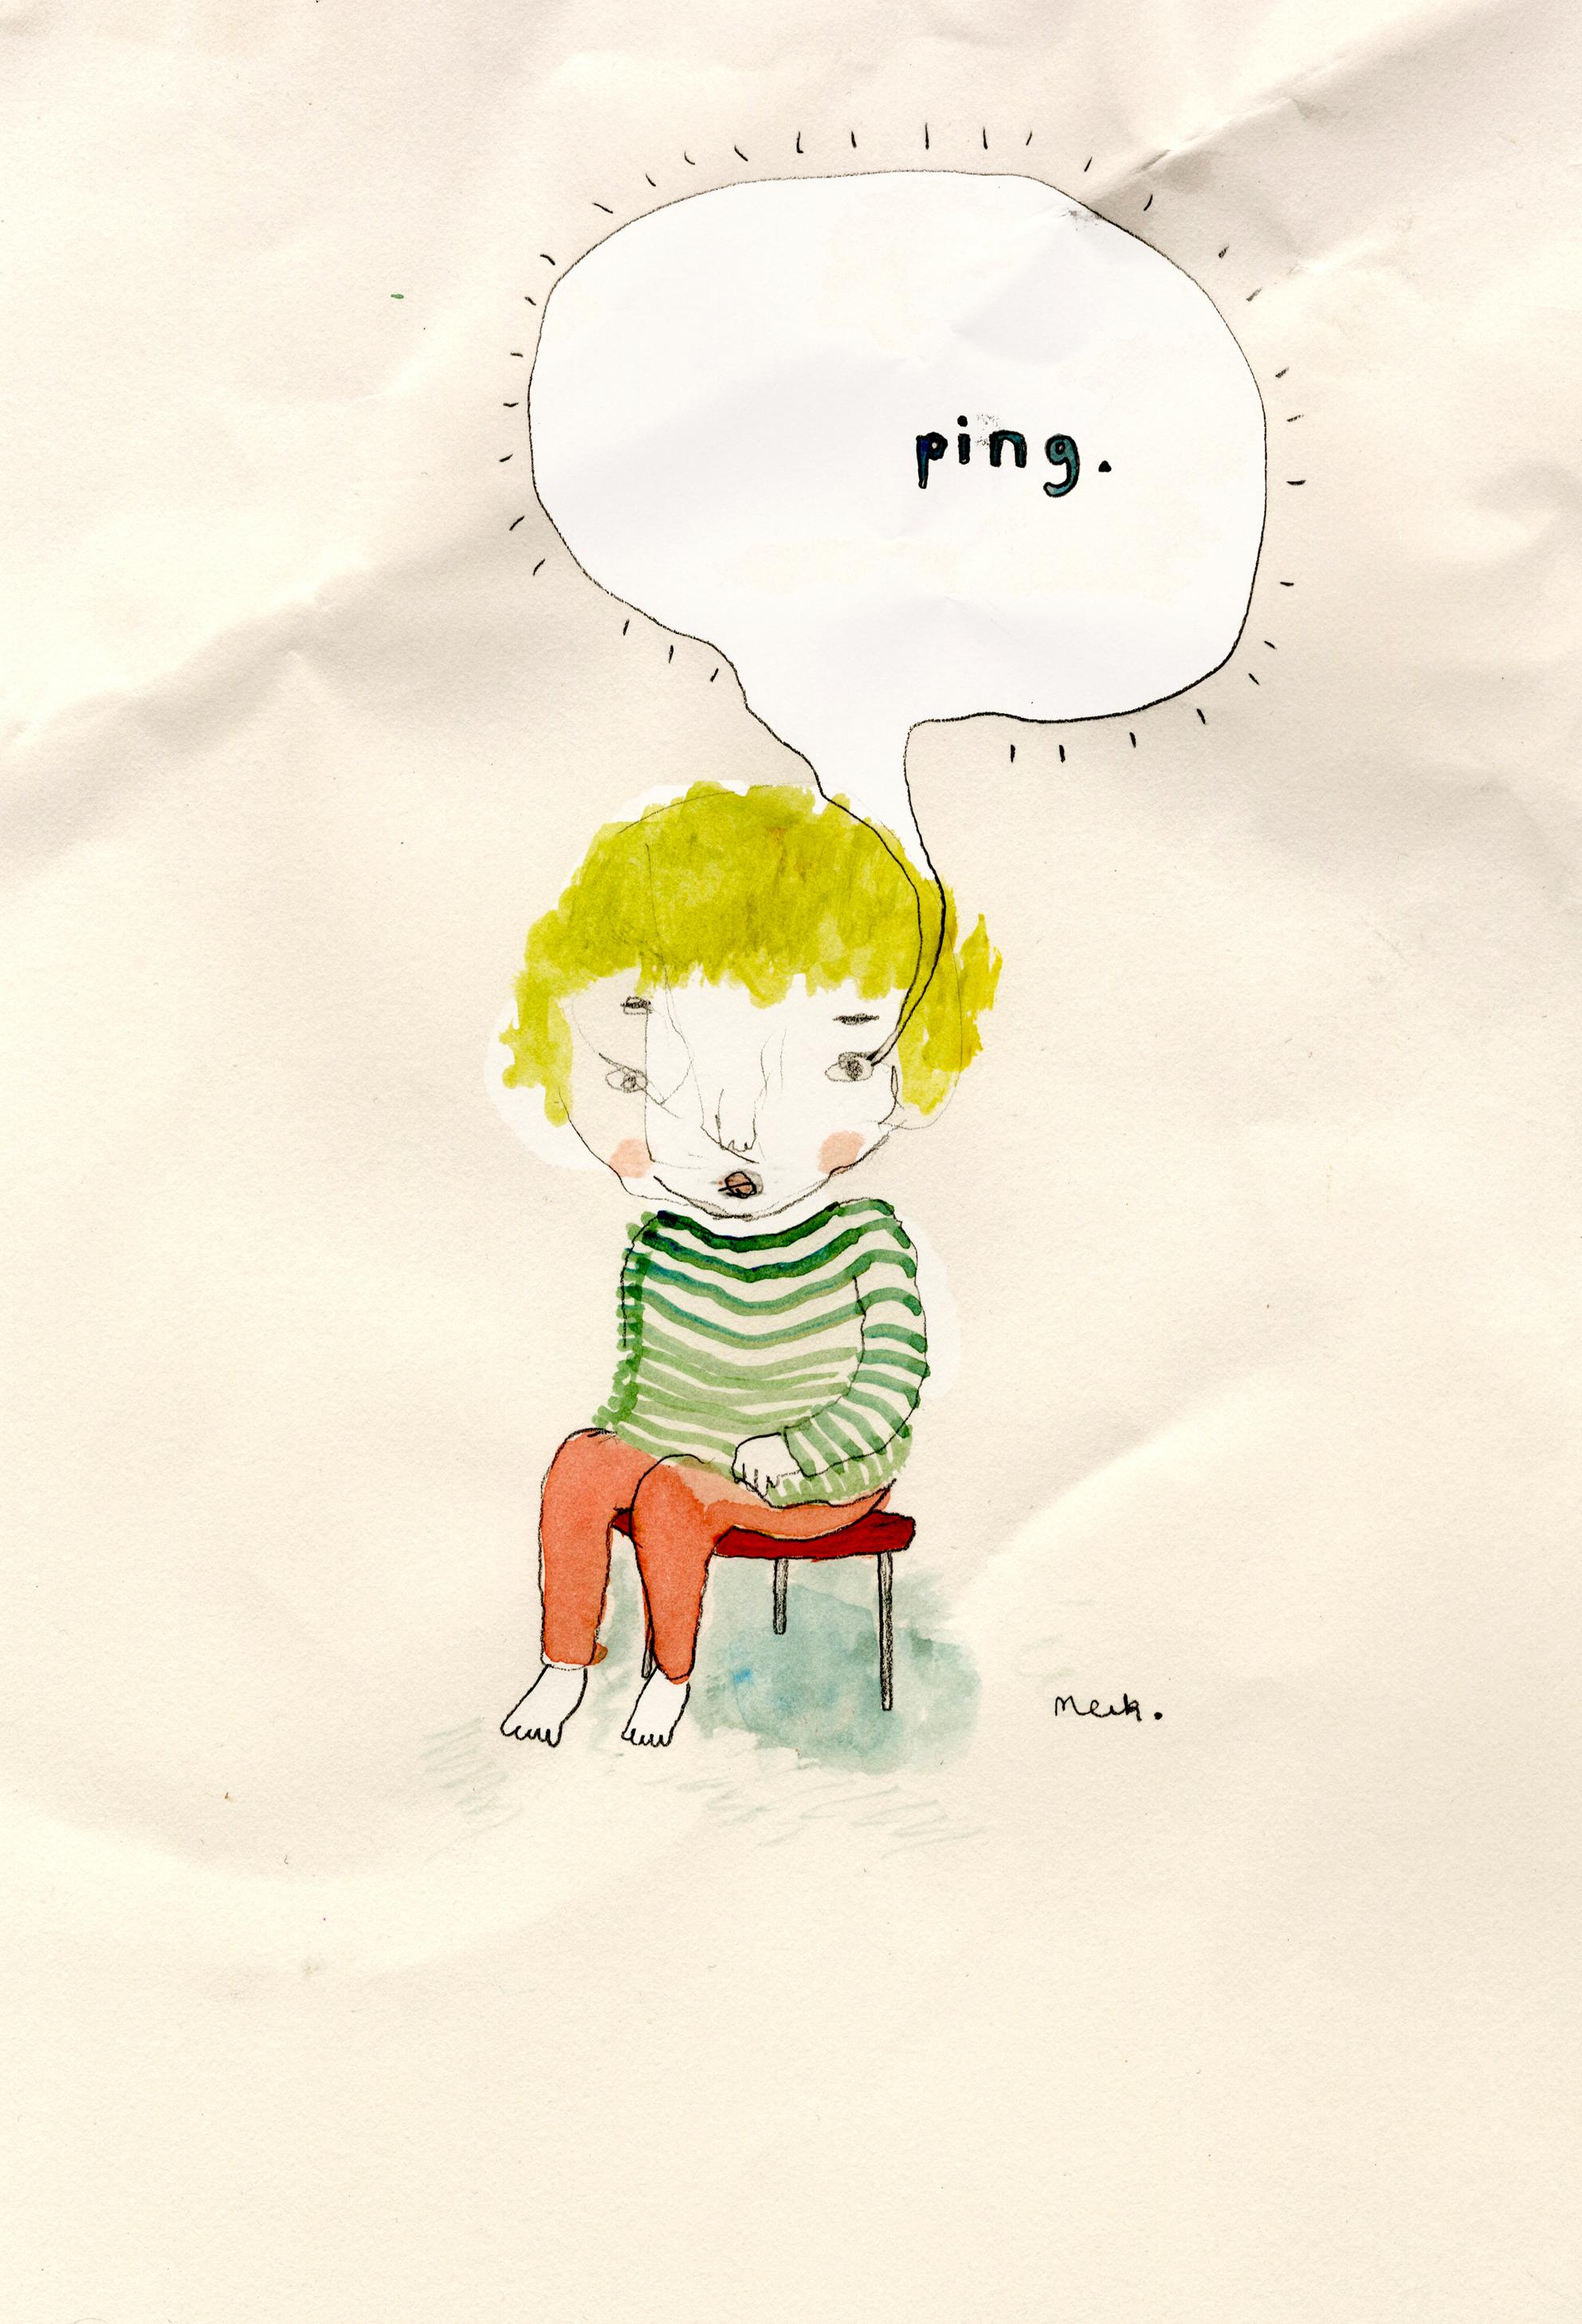 'Ping'